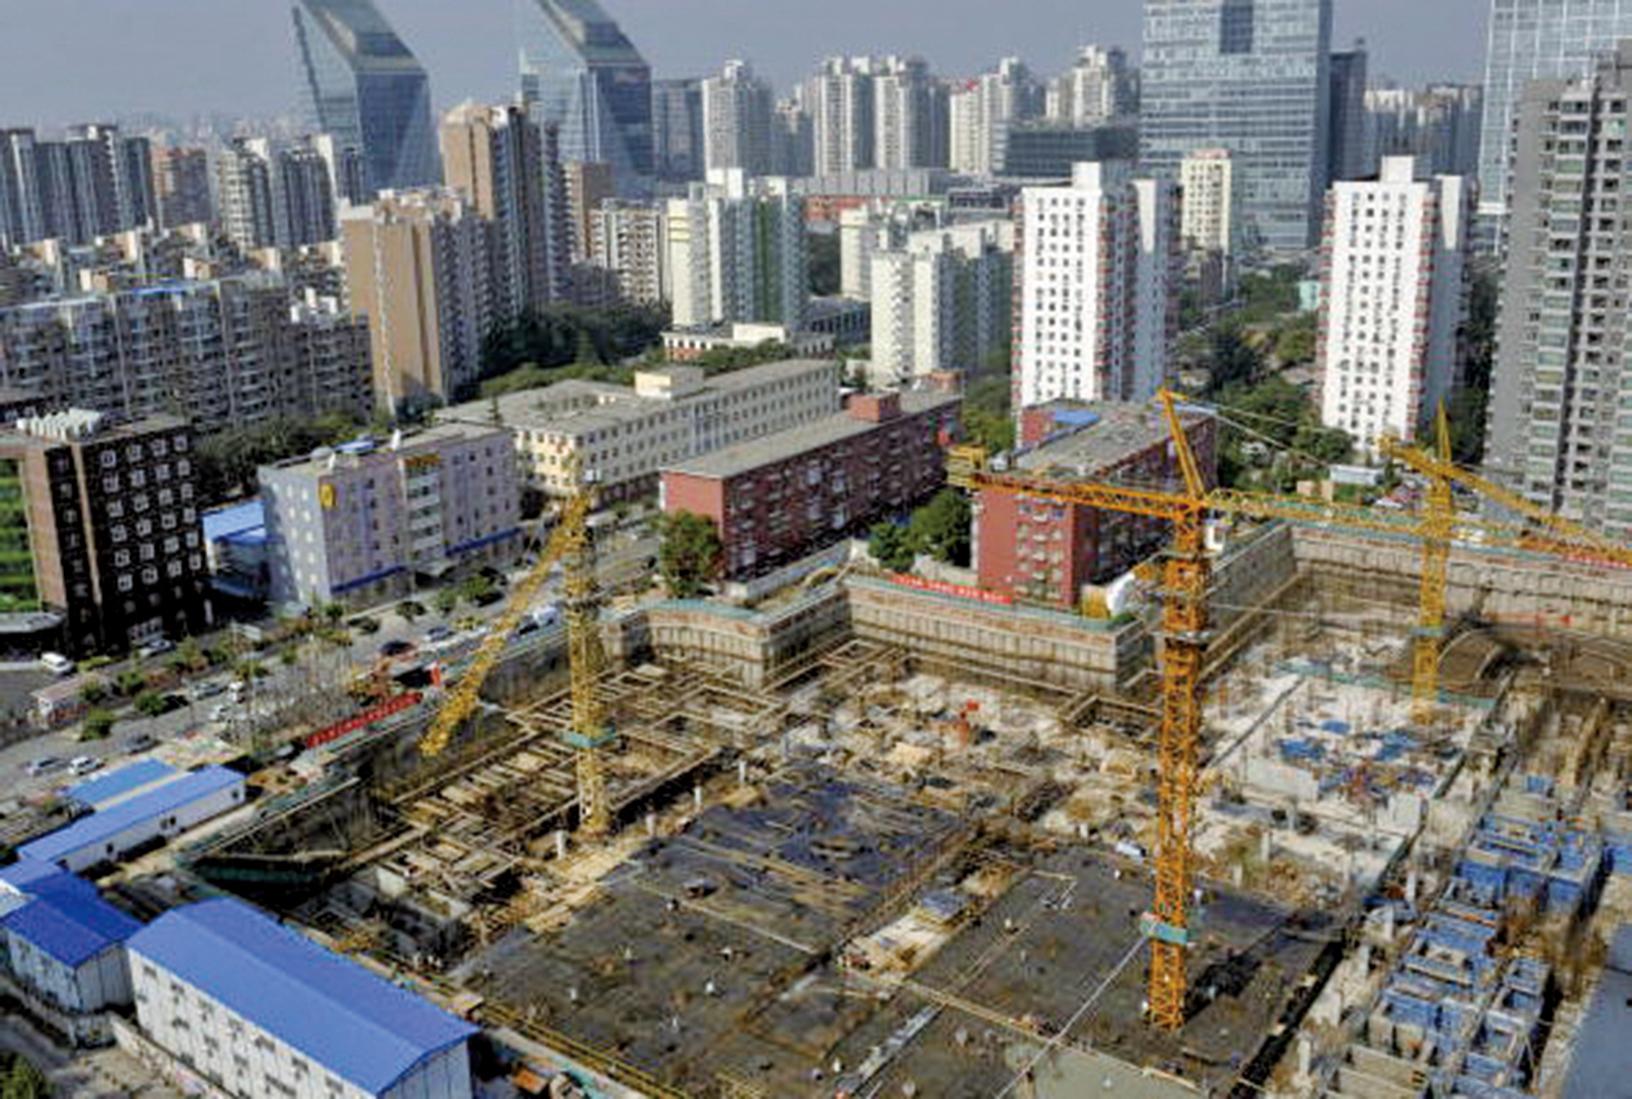 地方政府依靠賣地來償還債務,但是房地產泡沫風險令人擔憂。(Getty Images)